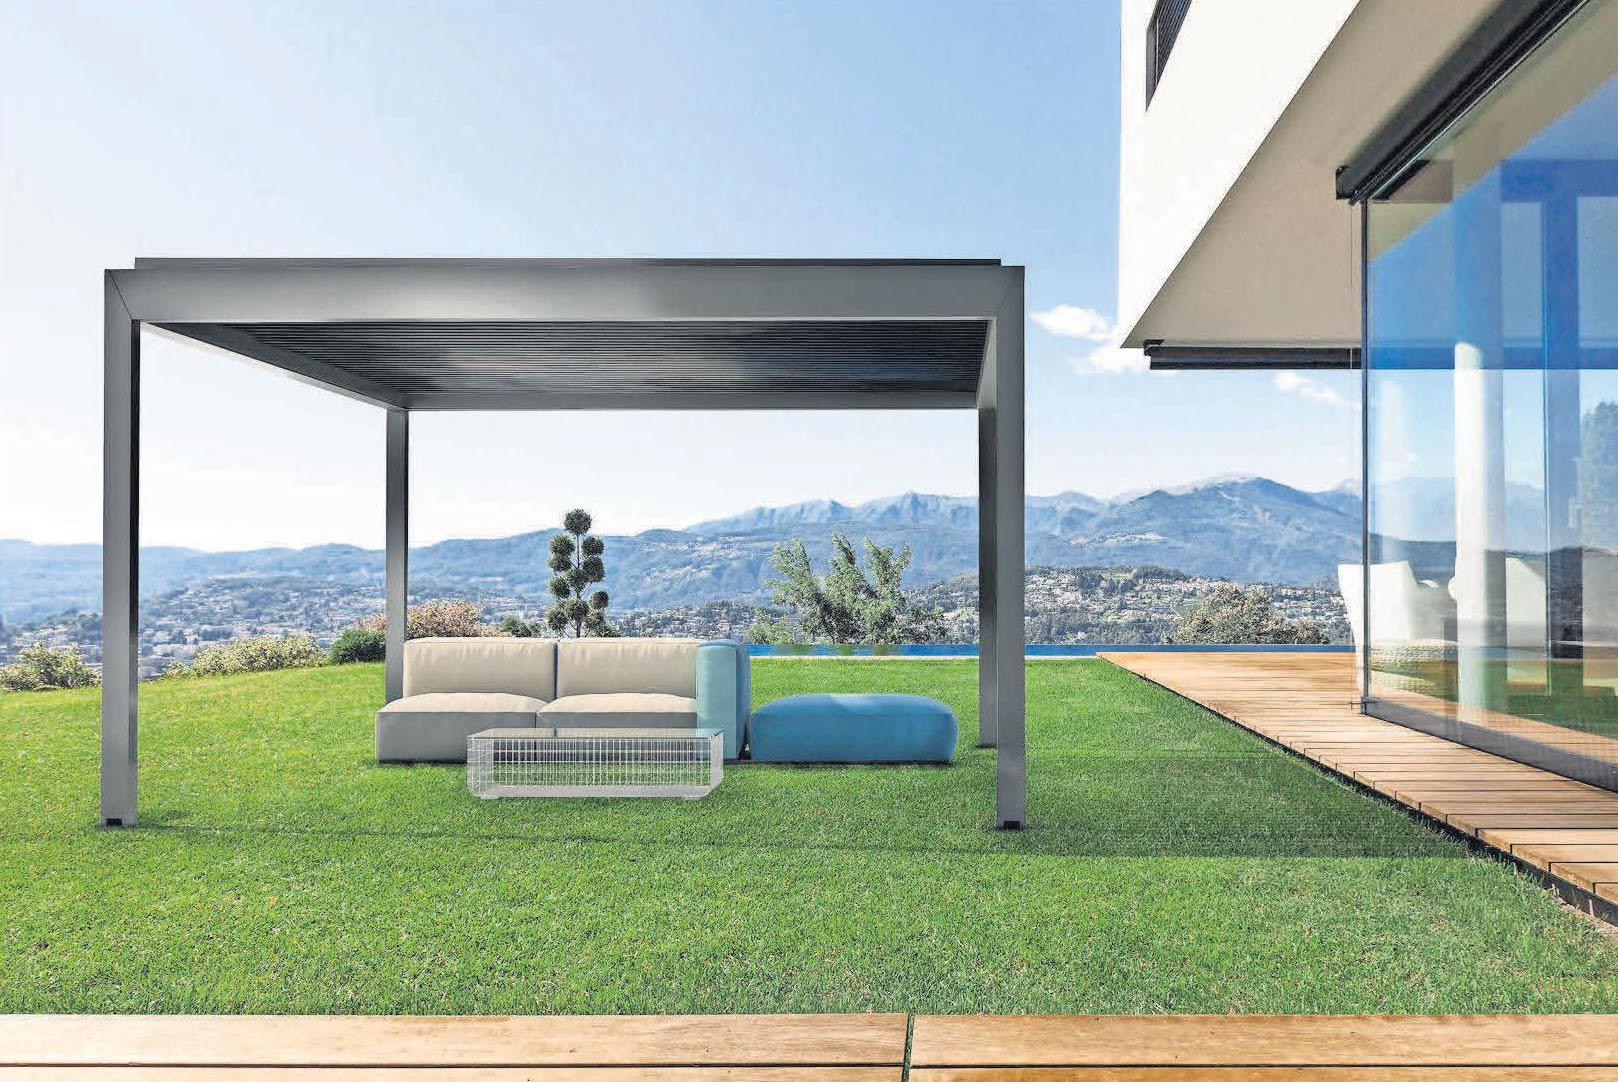 Mit dem QUBE Lamellendach bietet die Tischlerei Othmer Outdoorkomfort für das ganze Jahr.